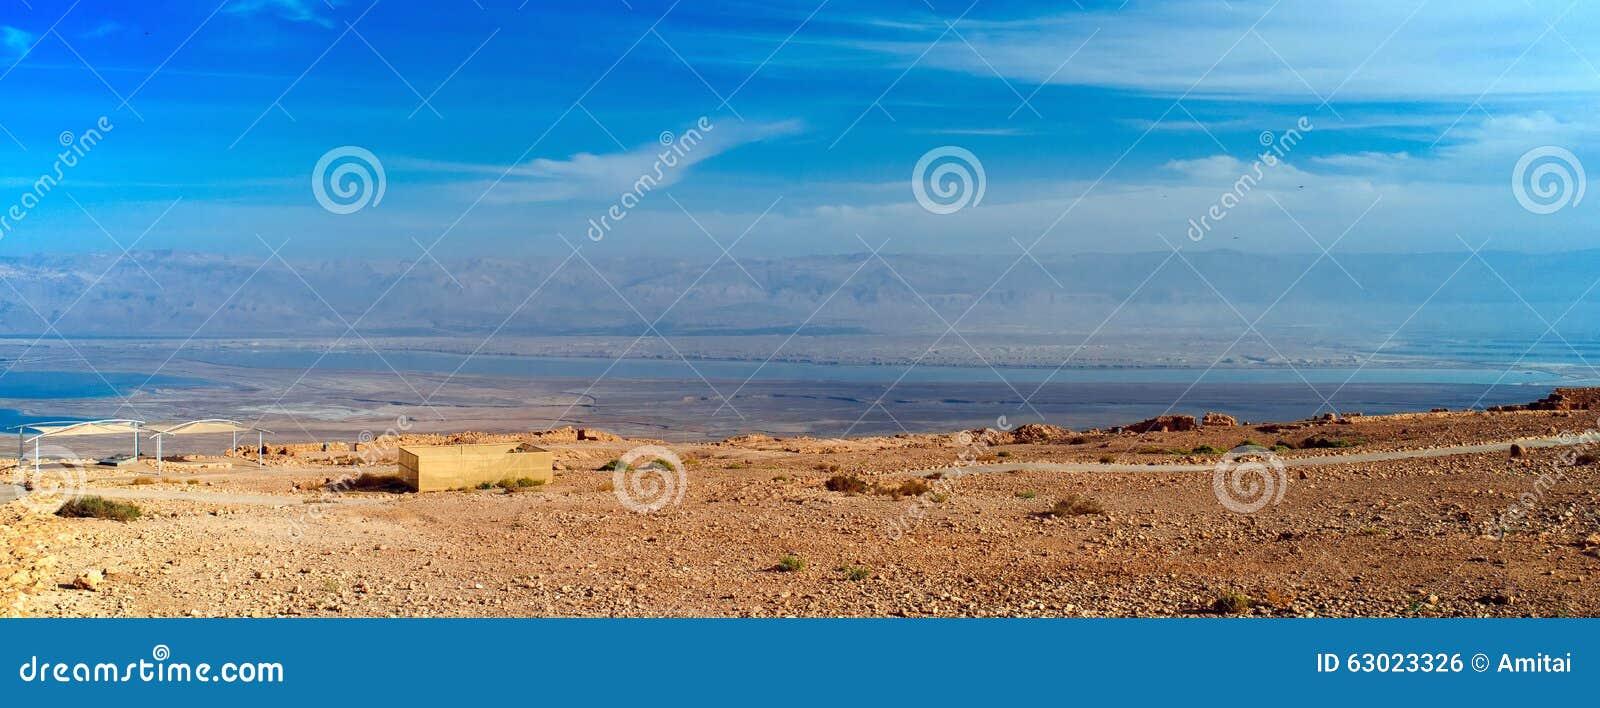 Serie de la Tierra Santa - Judea Desert#3